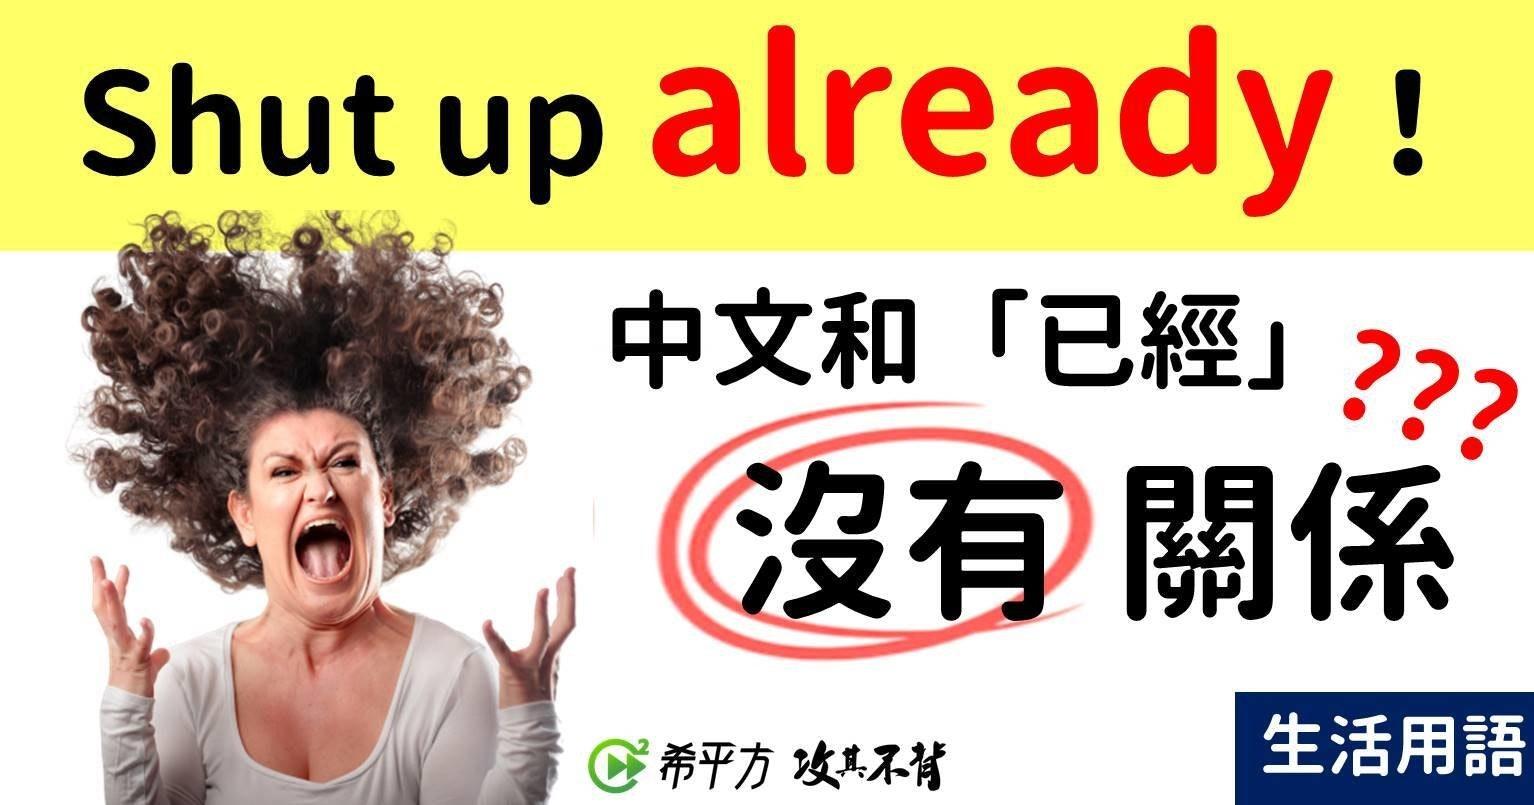 照片中提到了Shut up already !、中文和「已經」??2、沒有關係,包含了人類行為、情感、尖叫、平面設計、女人的形象